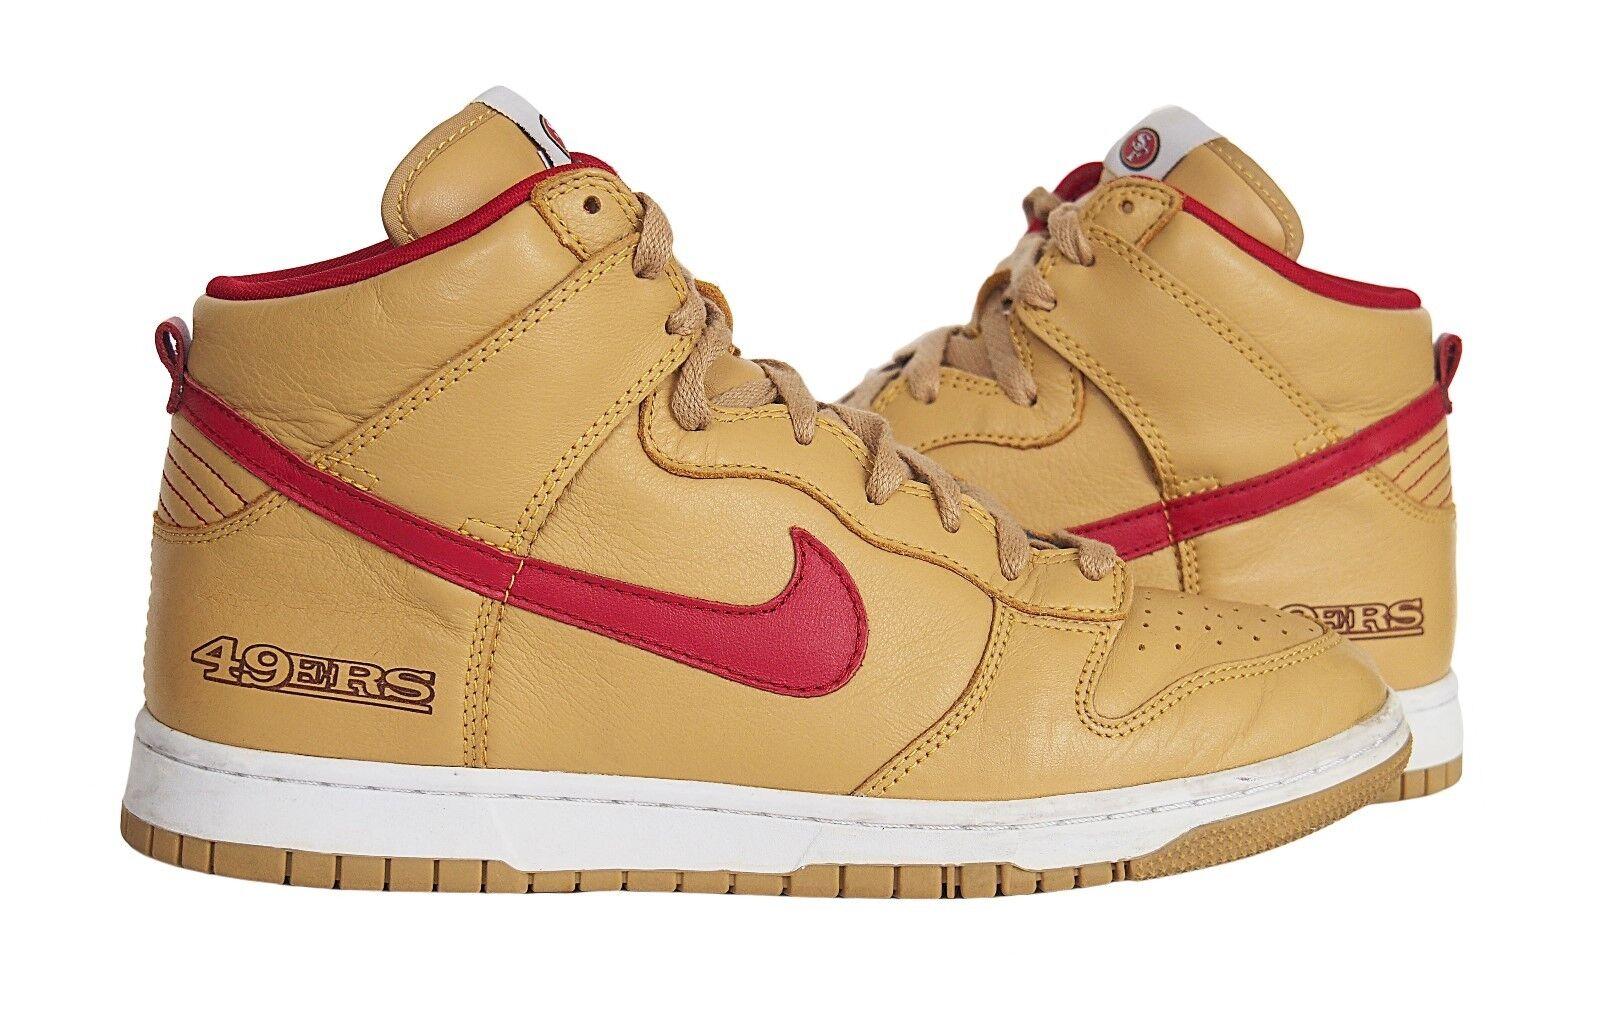 Nike id 49 schiacciare alto san francisco 49 id ers cuoio marrone rosso misura 10,5 fcf2bc